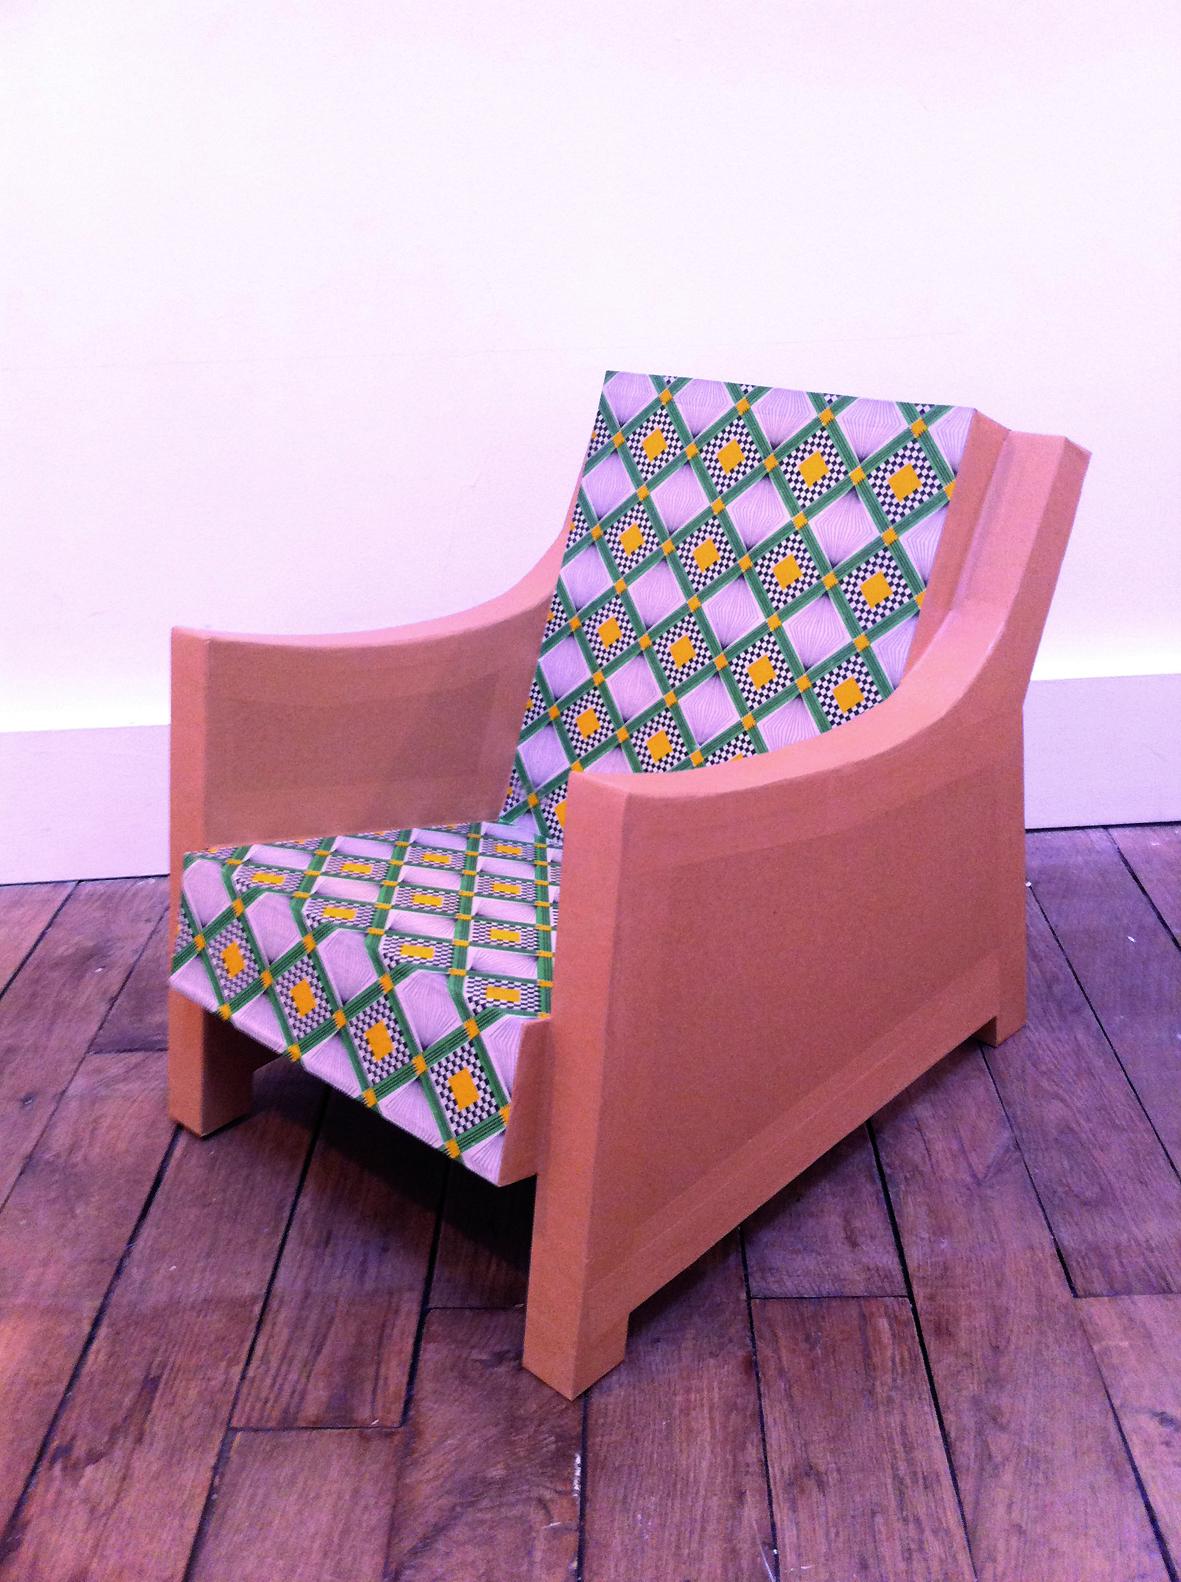 Image De Meuble En Carton juliadesign: meuble en carton, fauteuil